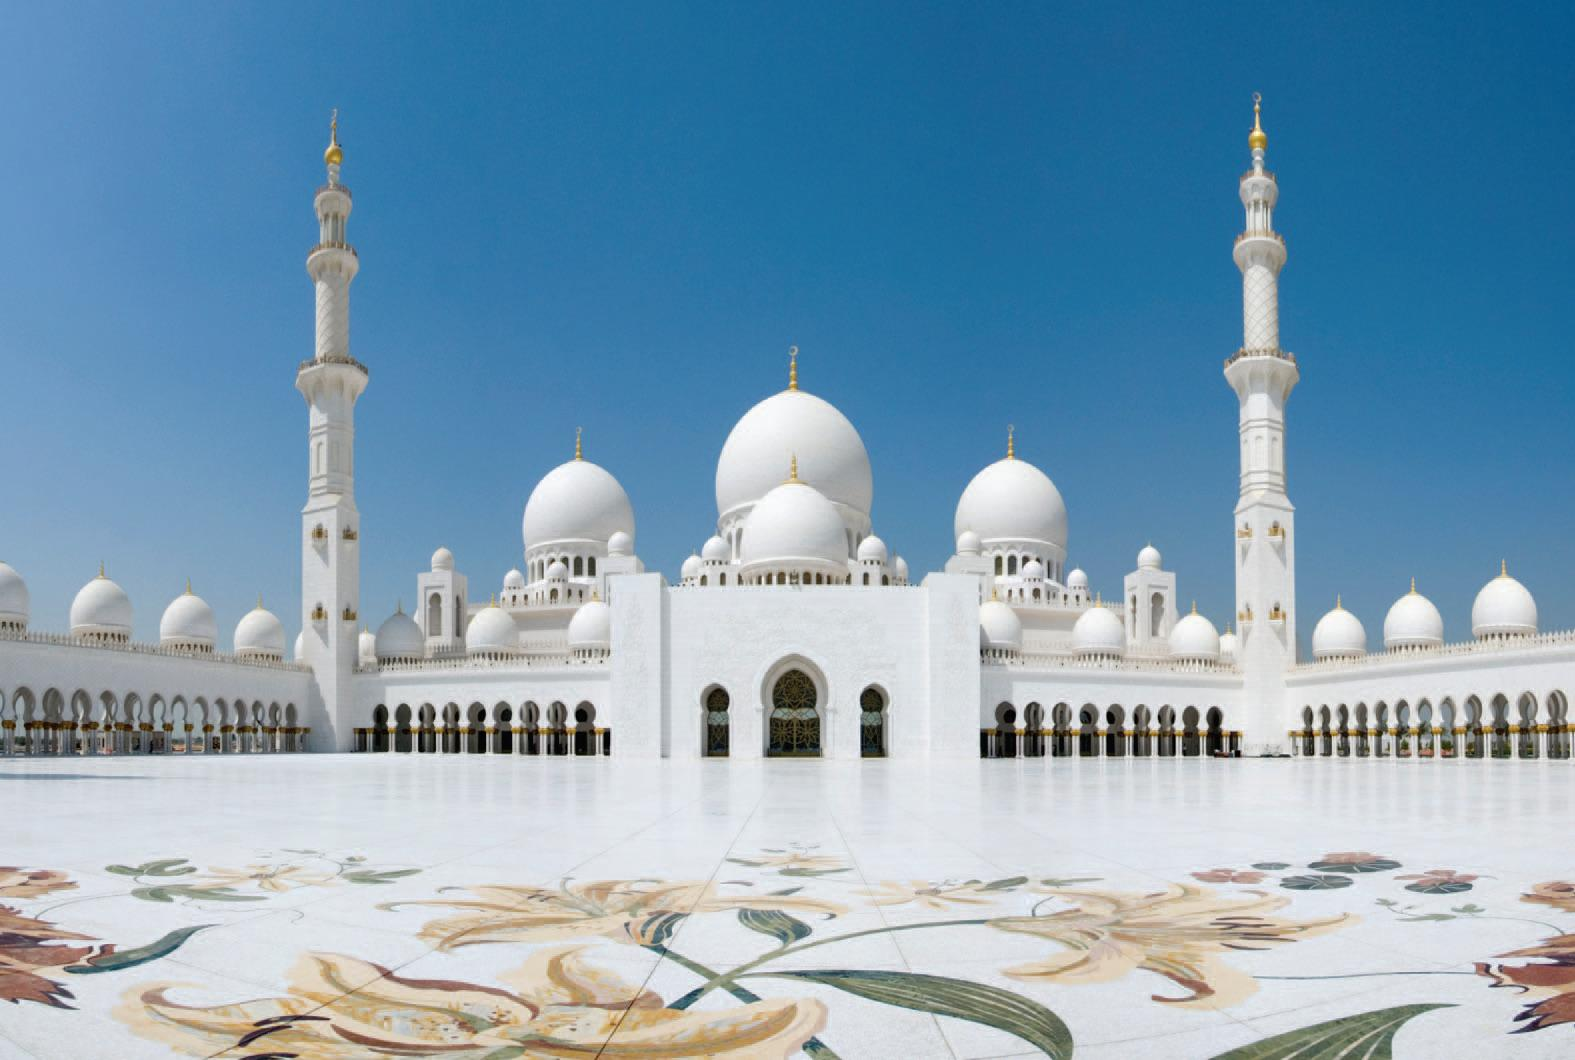 صور تفاسير رؤى المساجد فى المنام , تعرف على تفسير حلم رؤية المسجد في المنام لابن كثير لابن سيرين و النابلسي